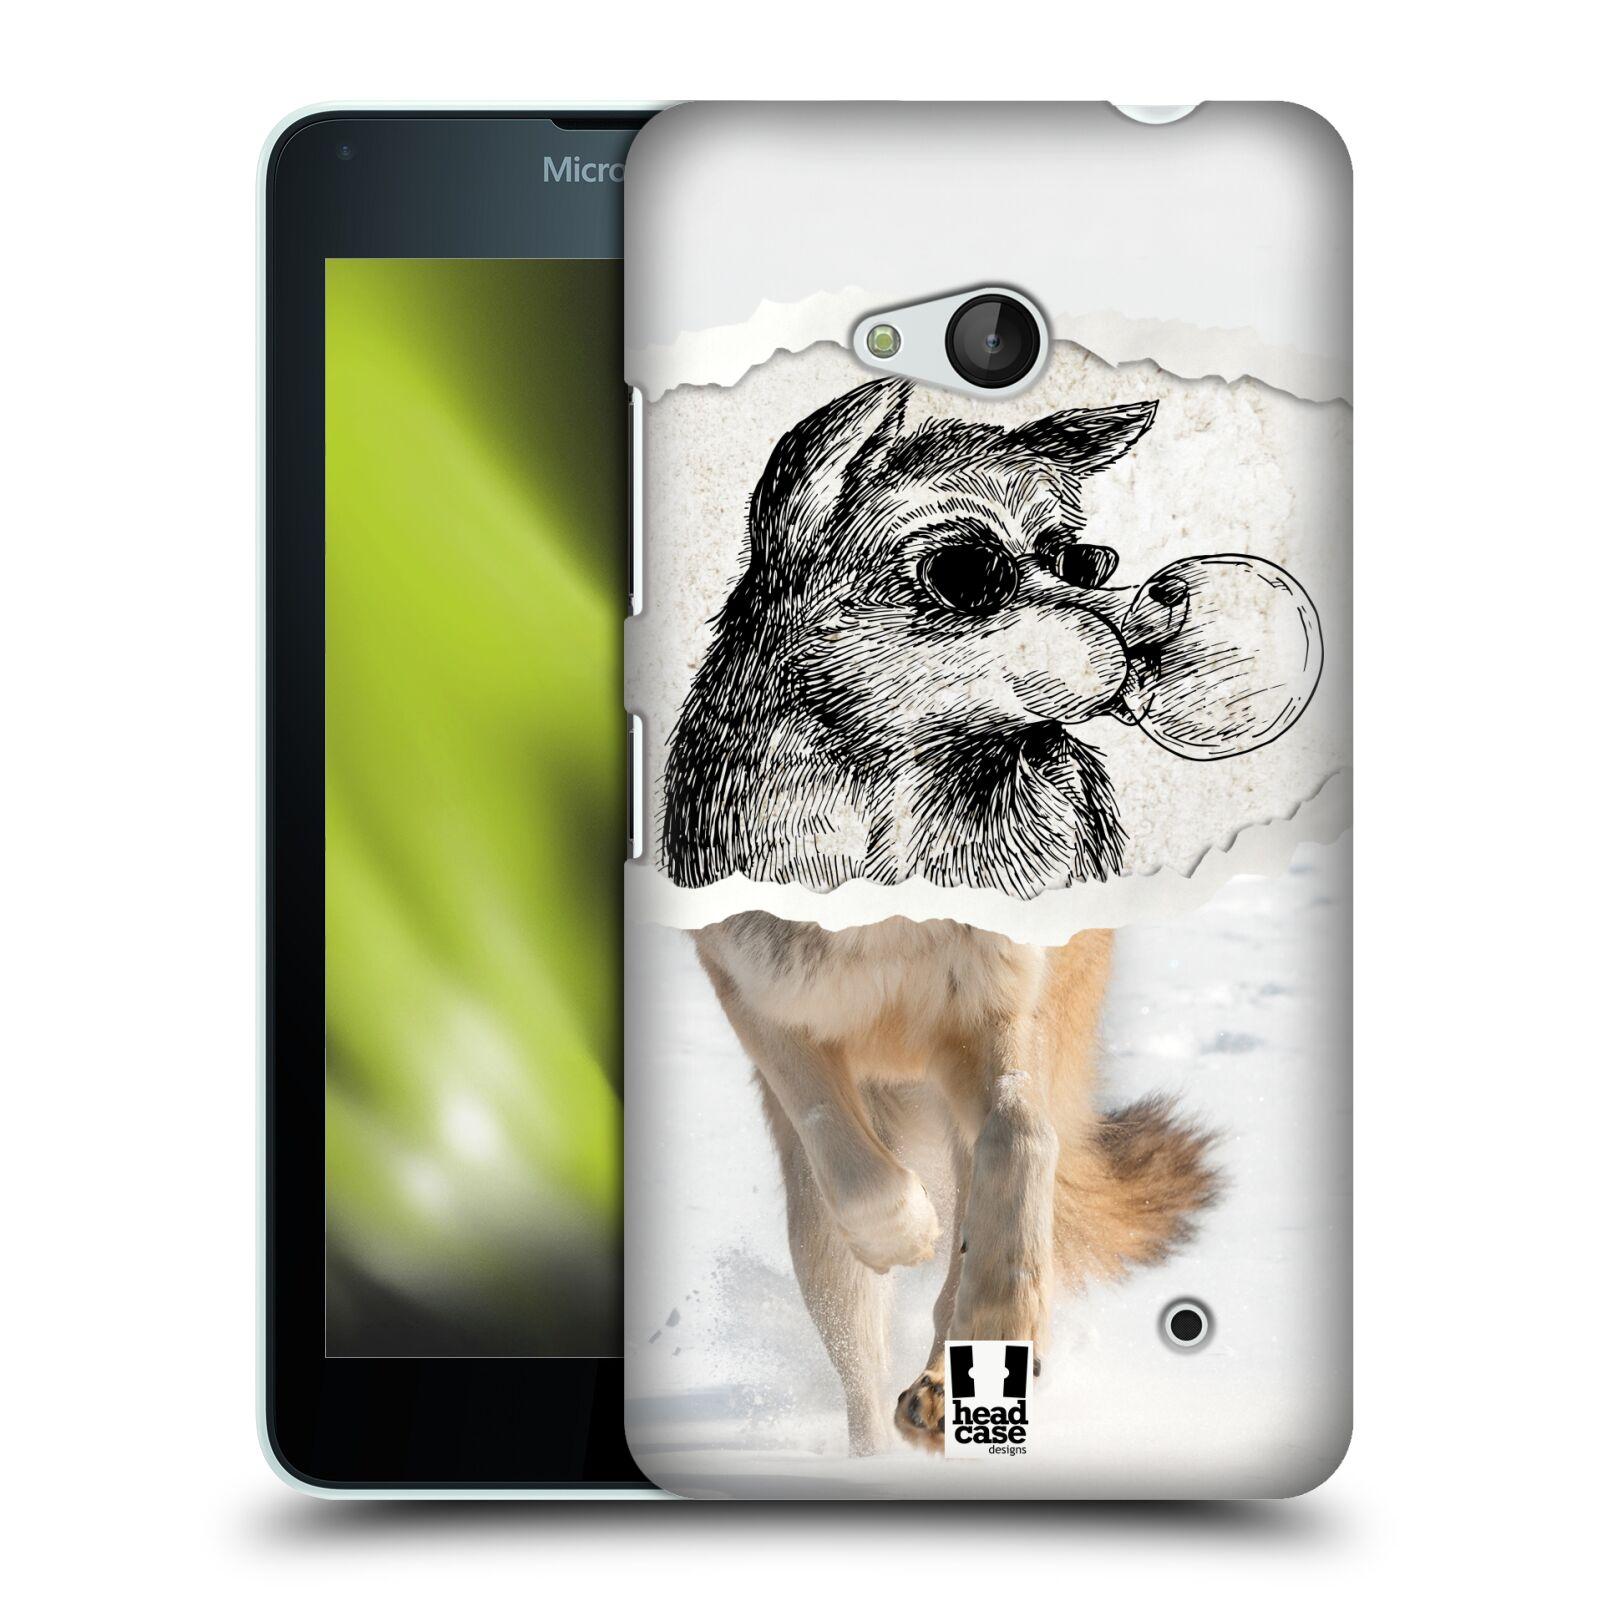 HEAD CASE plastový obal na mobil Nokia Lumia 640 vzor zvířata koláž vlk pohodář